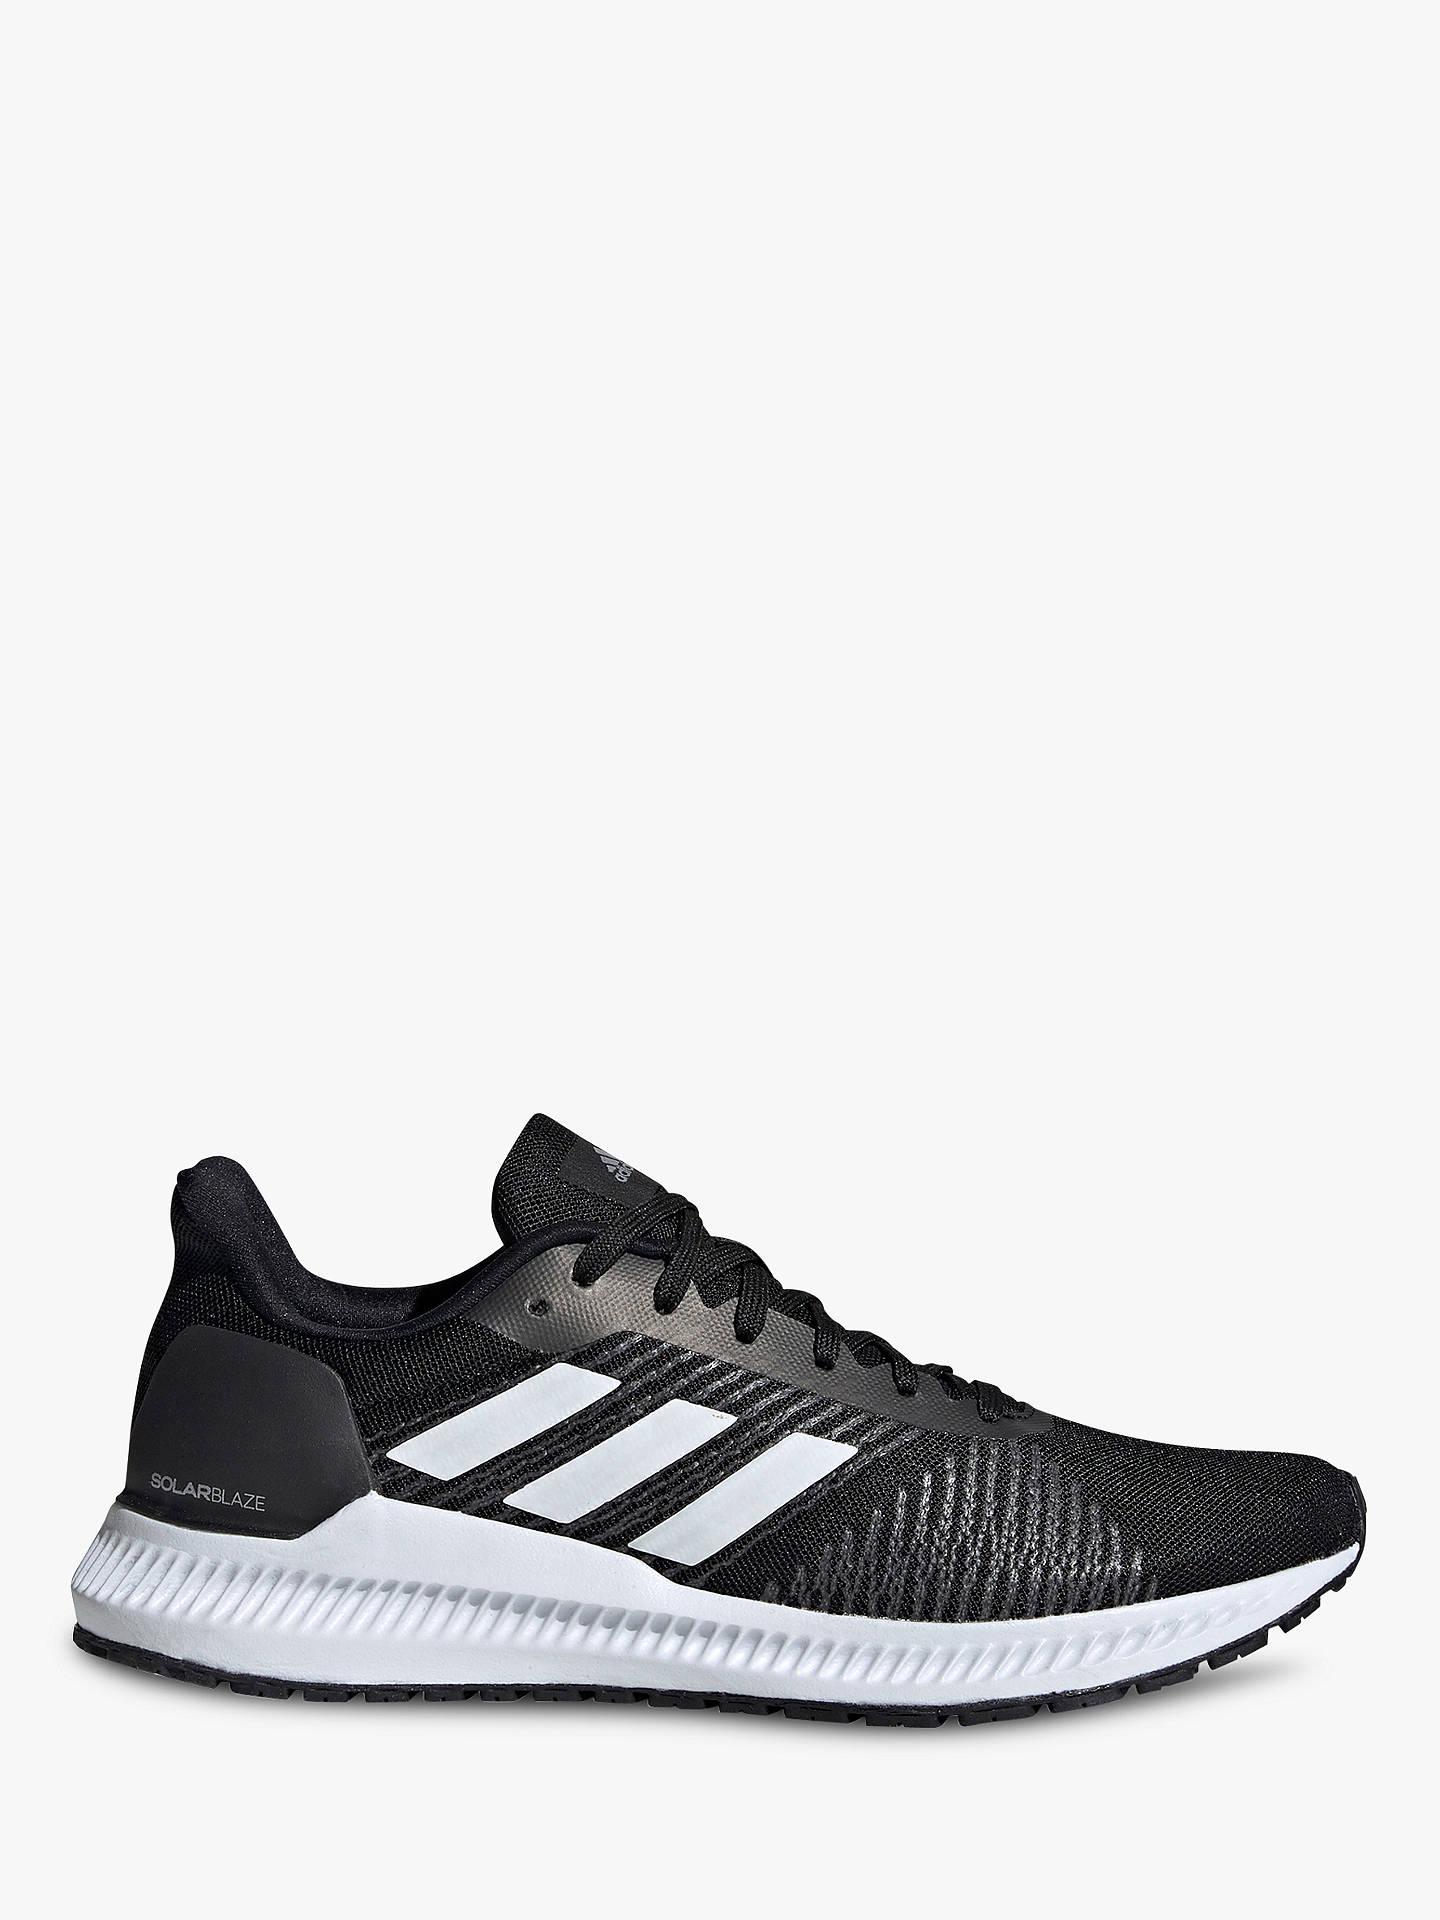 9ddb7b5cc Buy adidas Solar Blaze Women s Running Shoes